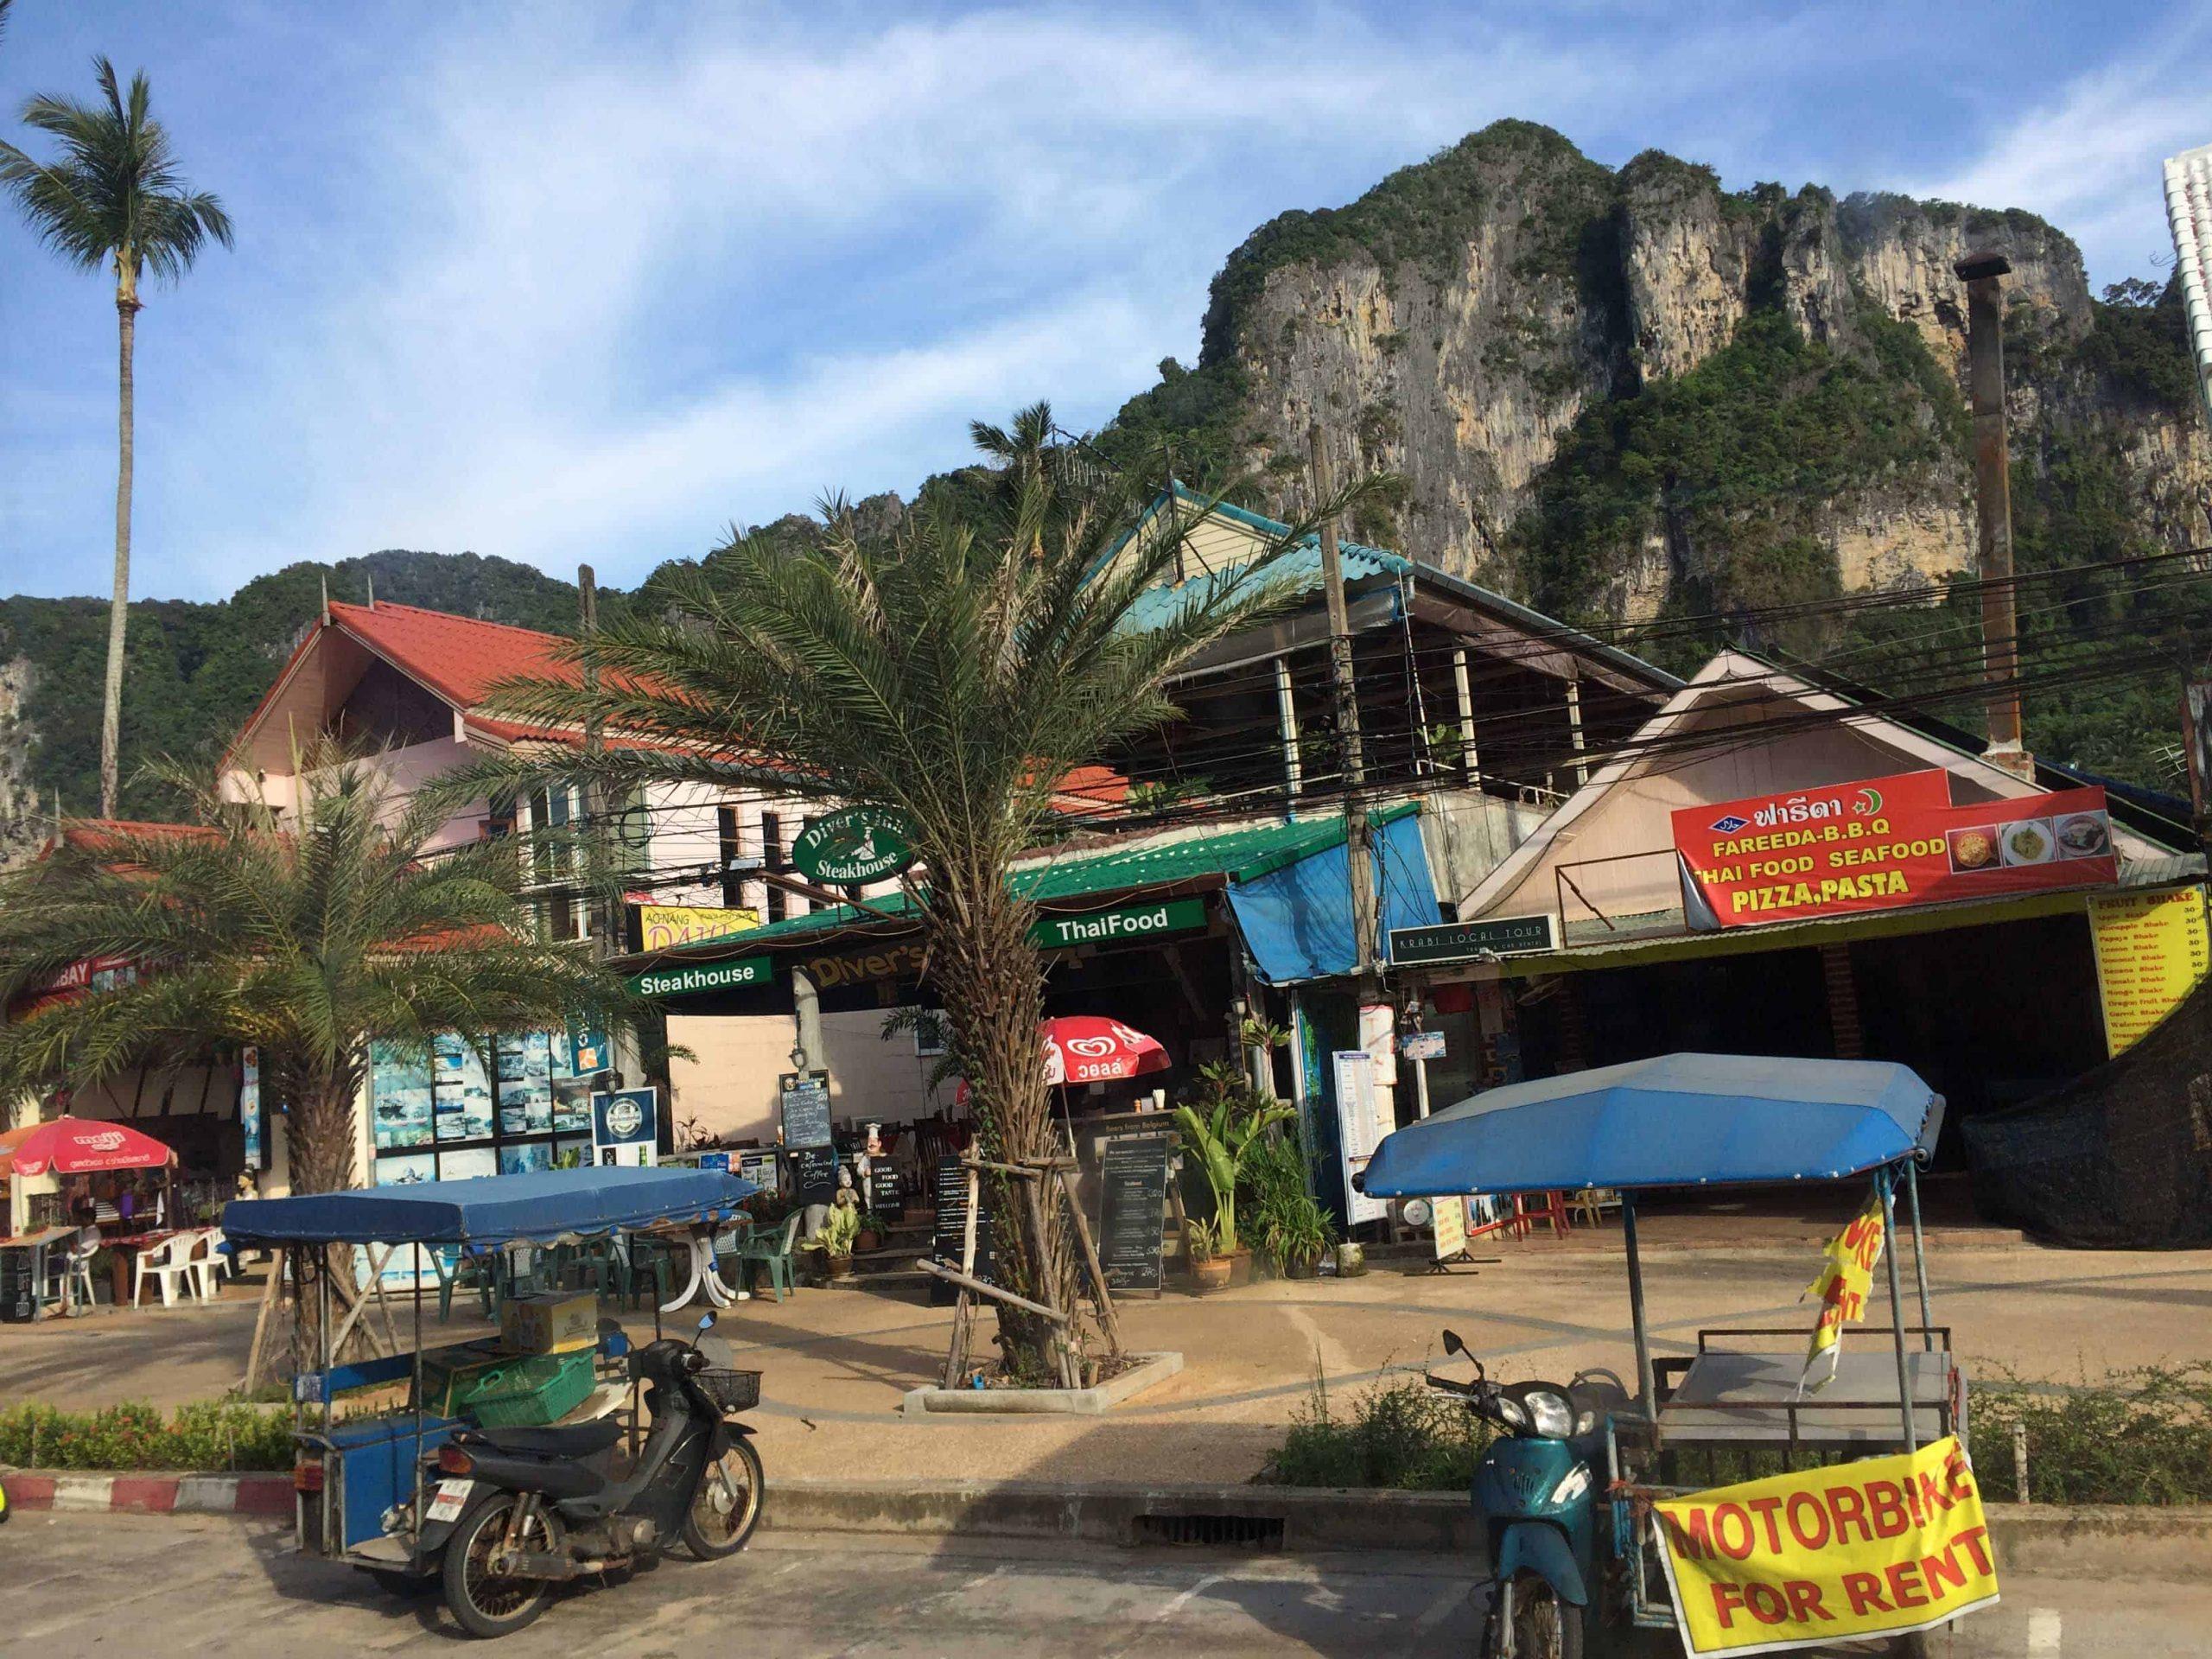 You are currently viewing Chercher le choc culturel ou prendre ses repères en Asie du Sud-Est avec Koh Lanta dans' face en saison basse